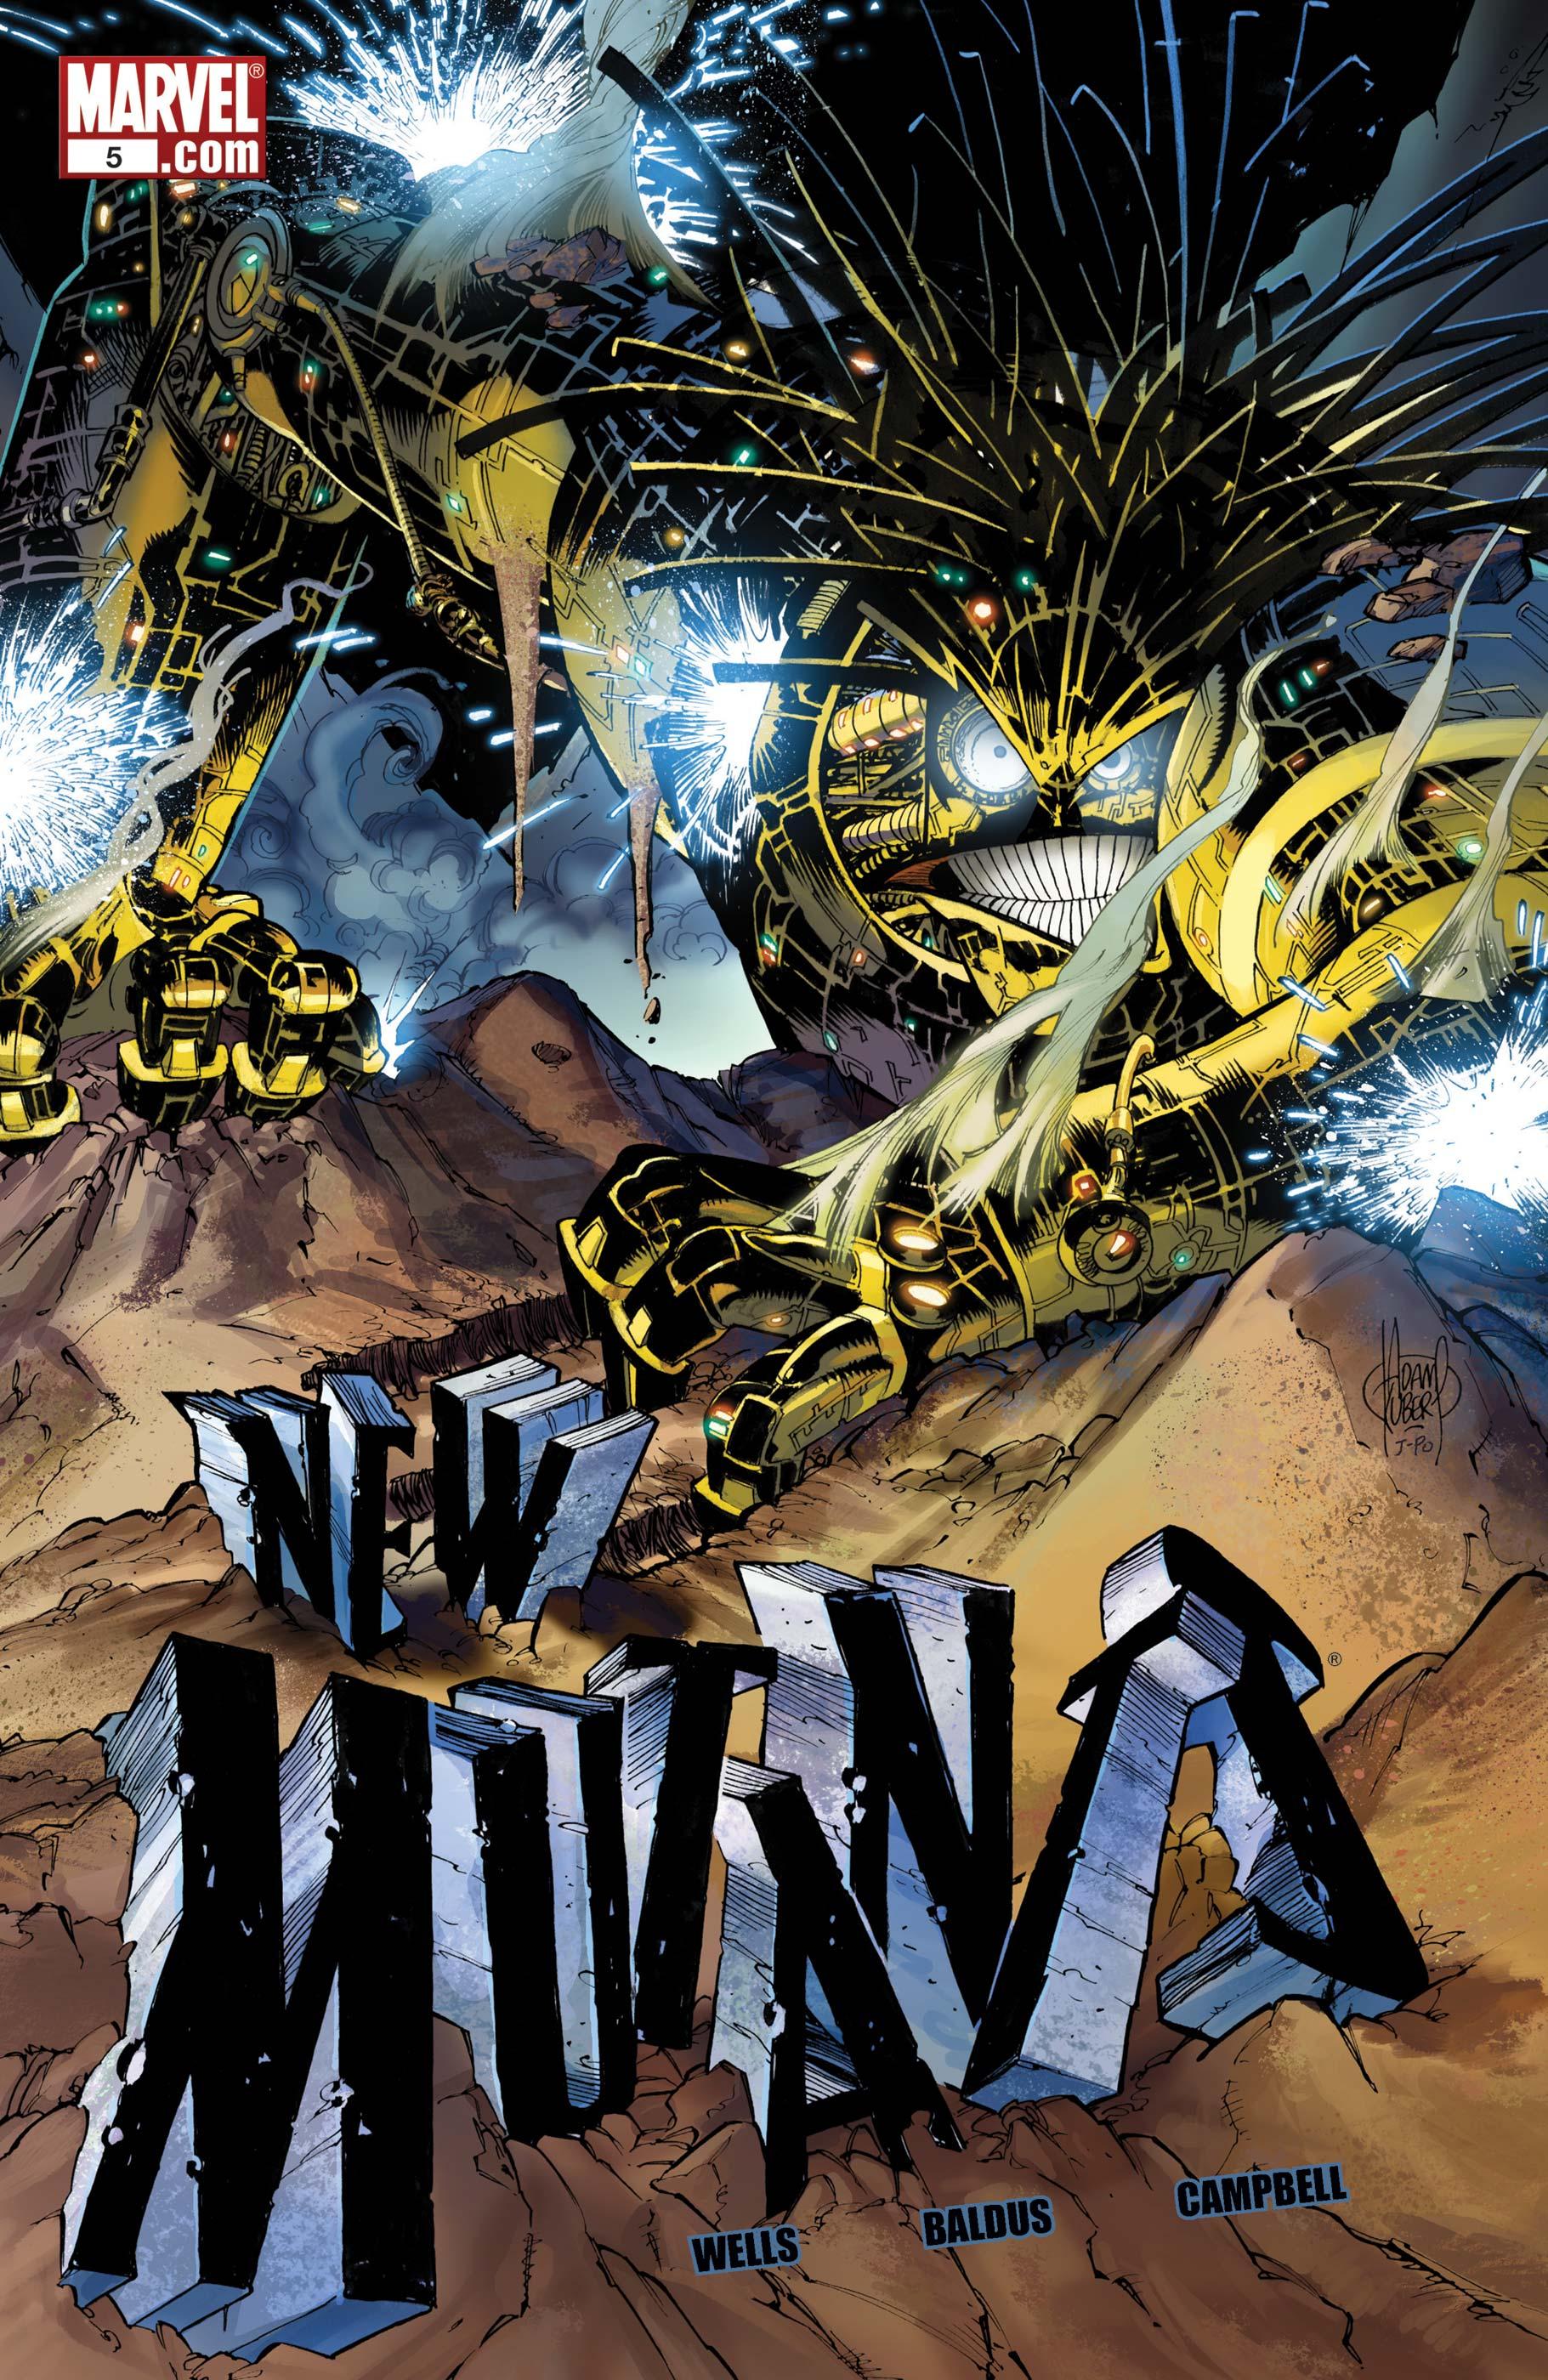 New Mutants (2009) #5